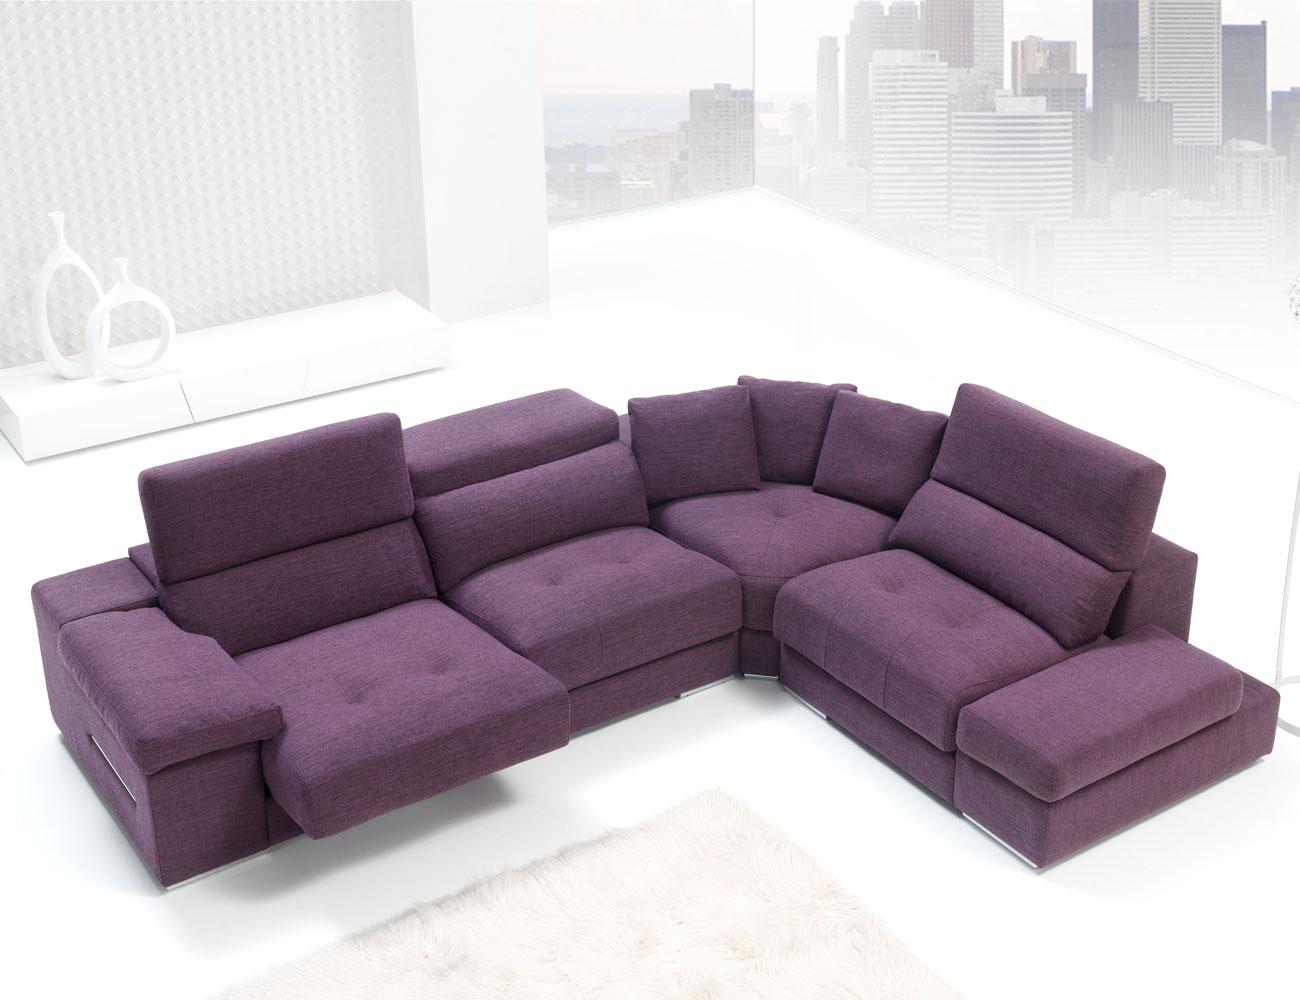 Sofa chaiselongue rincon con brazo mecanico tejido anti manchas 260